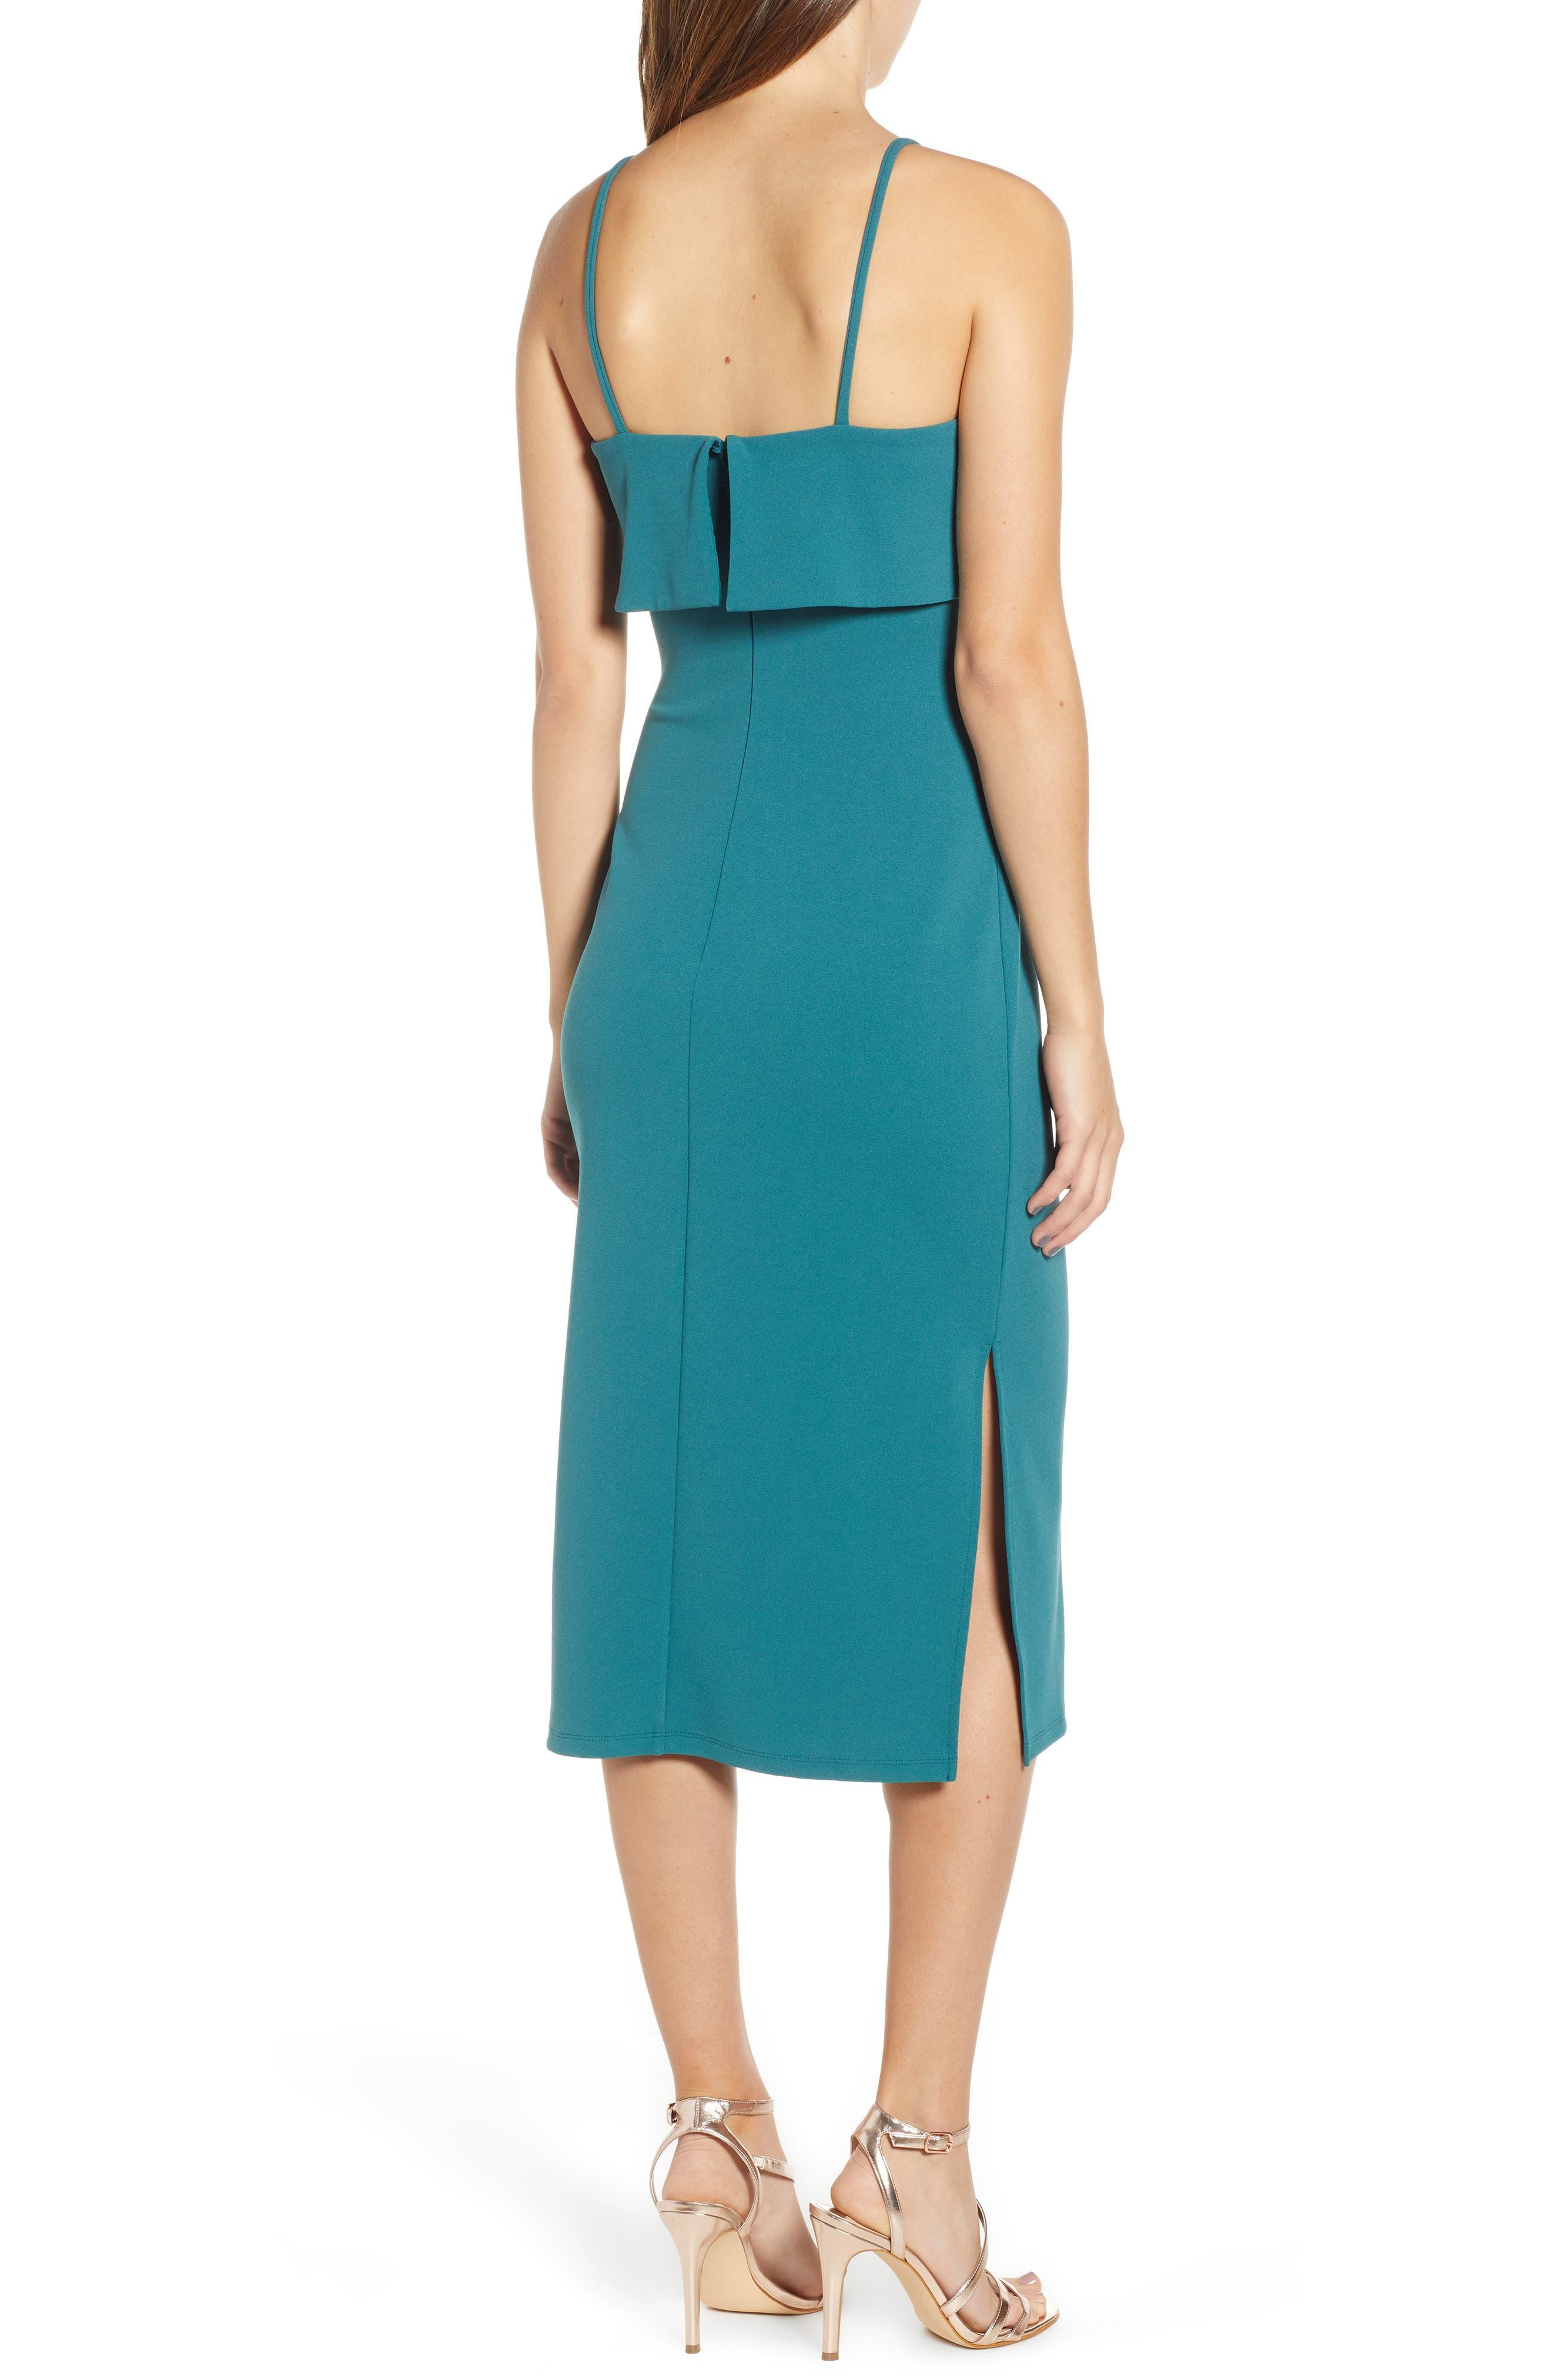 1a0c0a71ec5 slip dresses